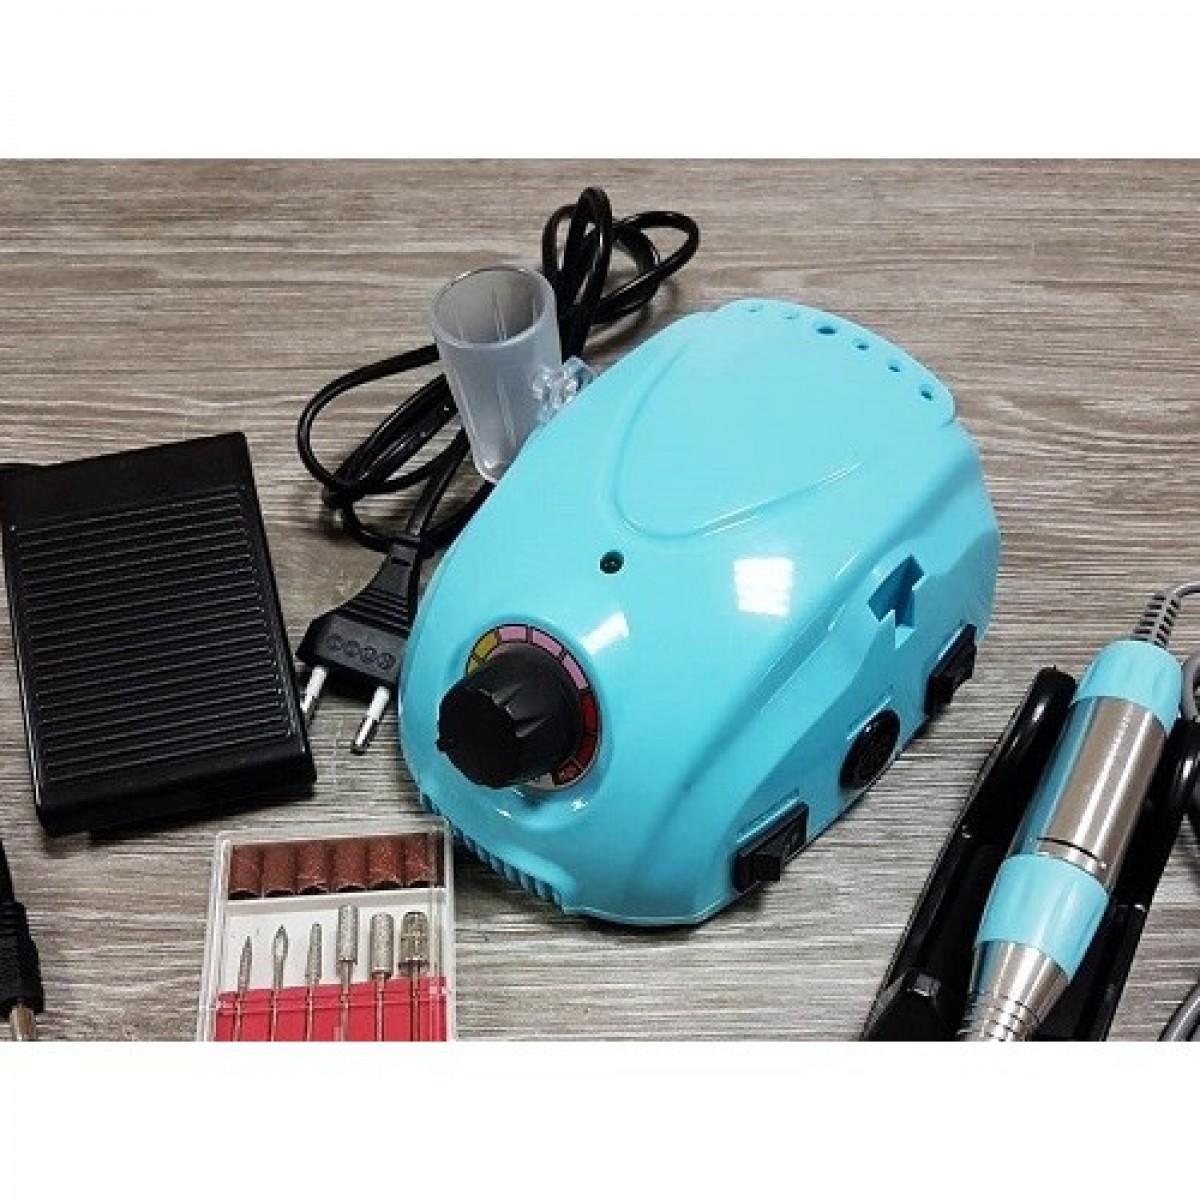 Επαγγελματικός Ηλεκτρικός Τροχός Μανικιούρ Πεντικιούρ 30 watt DM 212